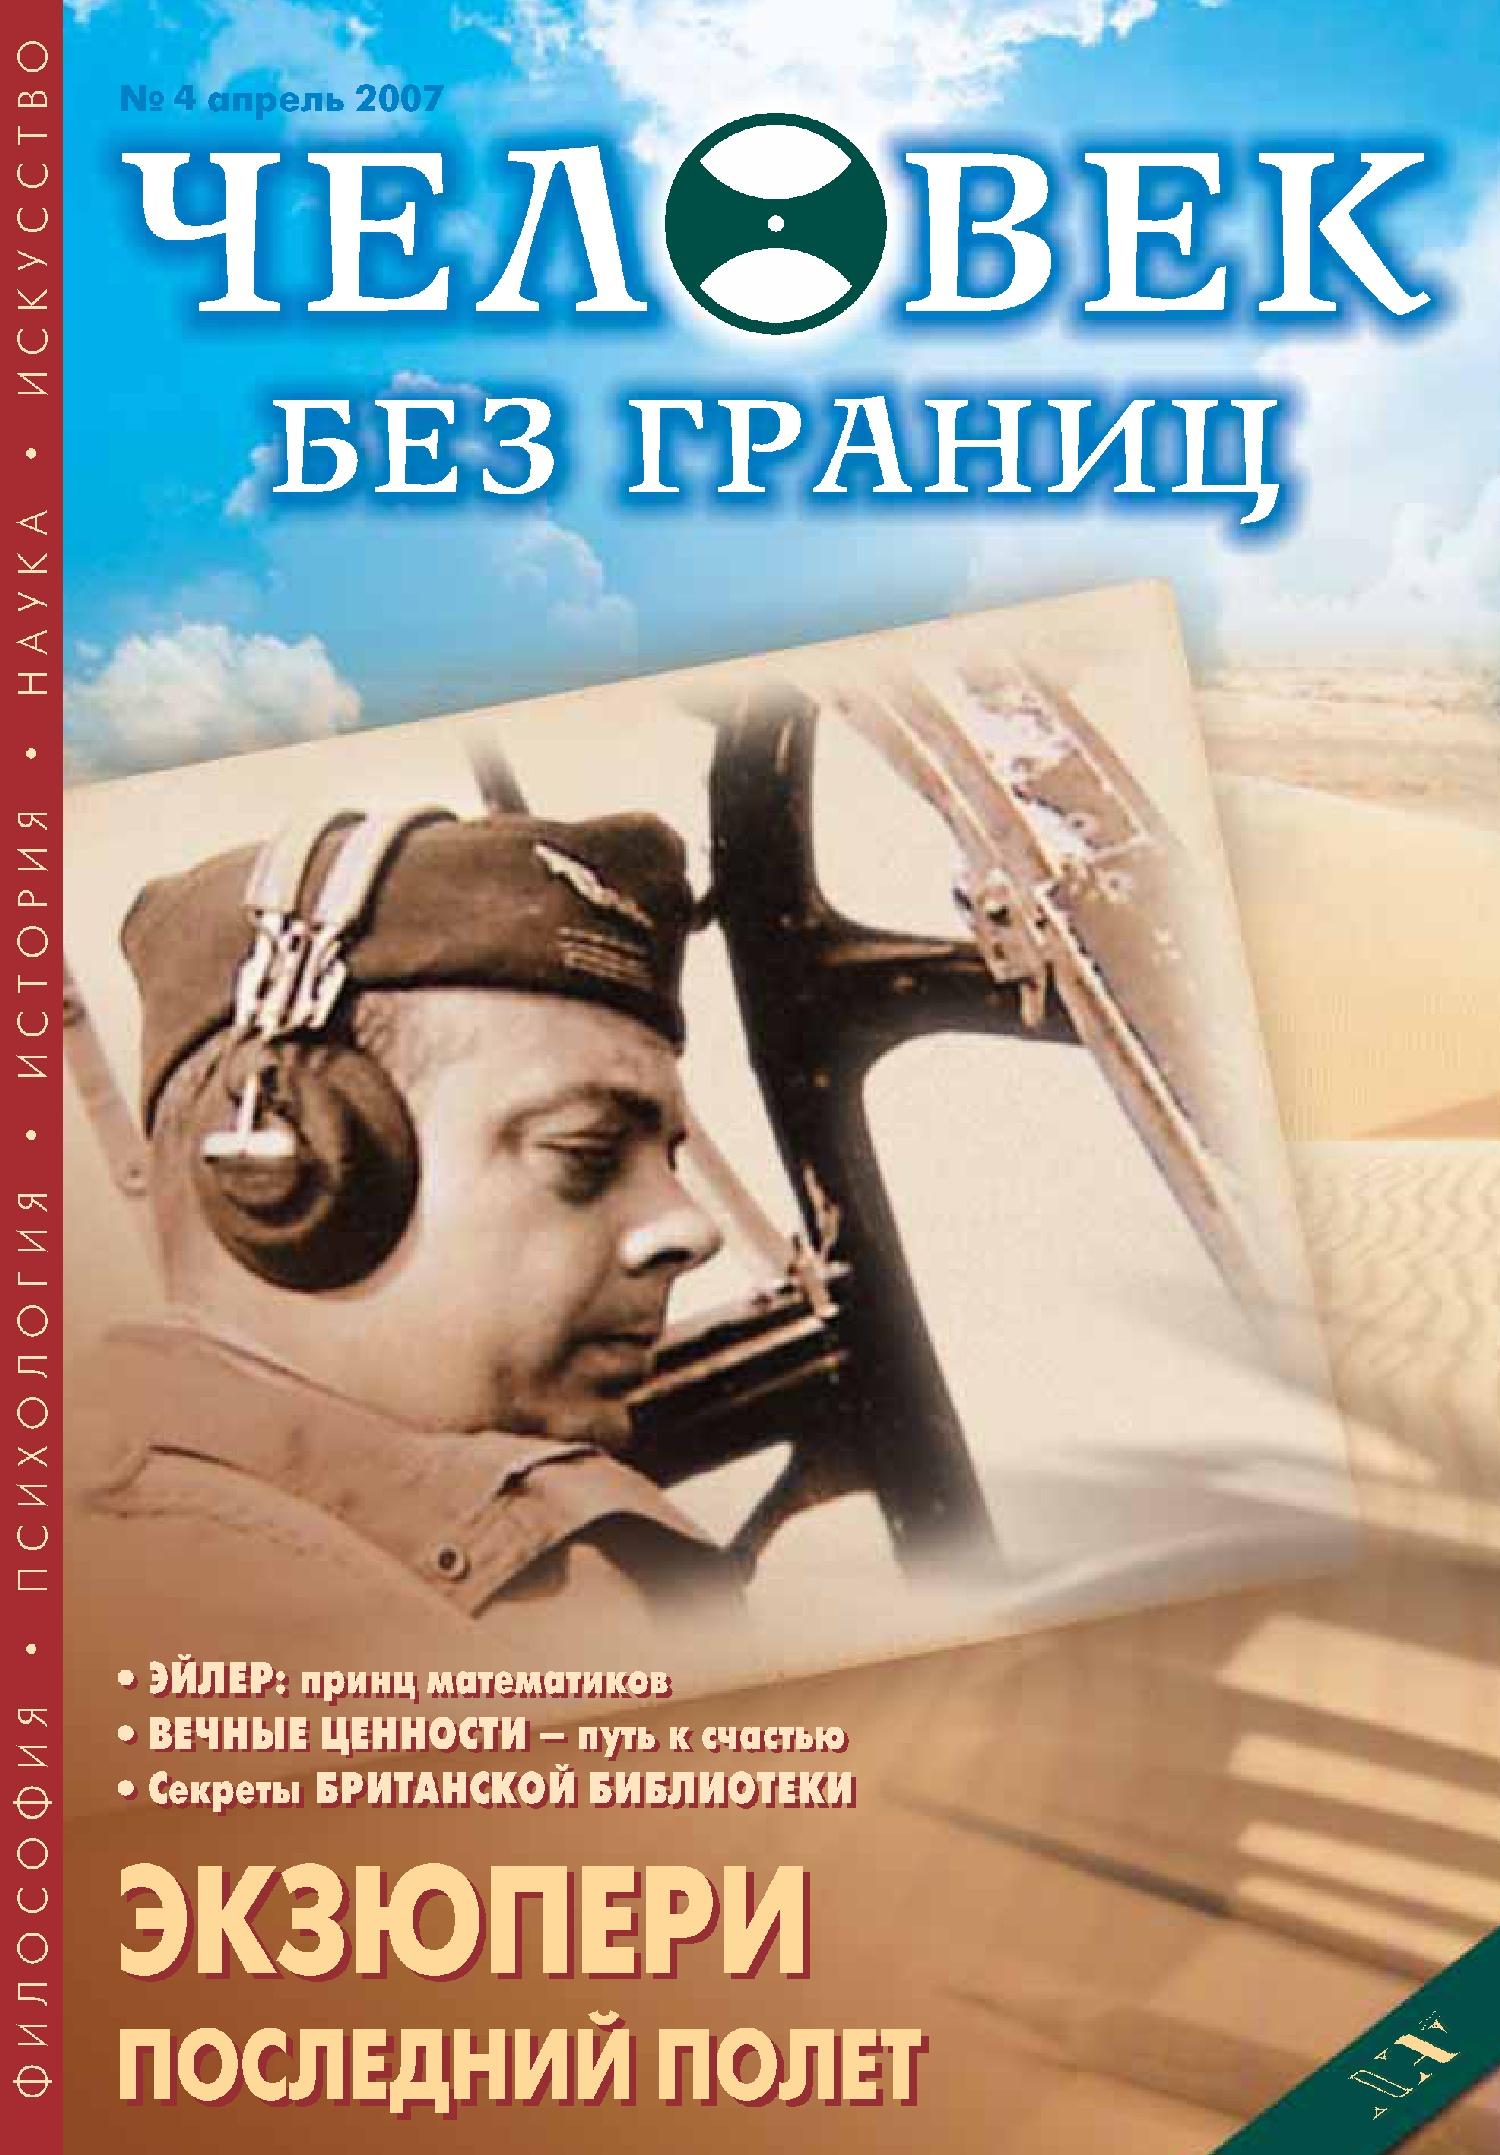 Отсутствует Журнал «Человек без границ» №4 (17) 2007 отсутствует журнал человек без границ 2 03 2006